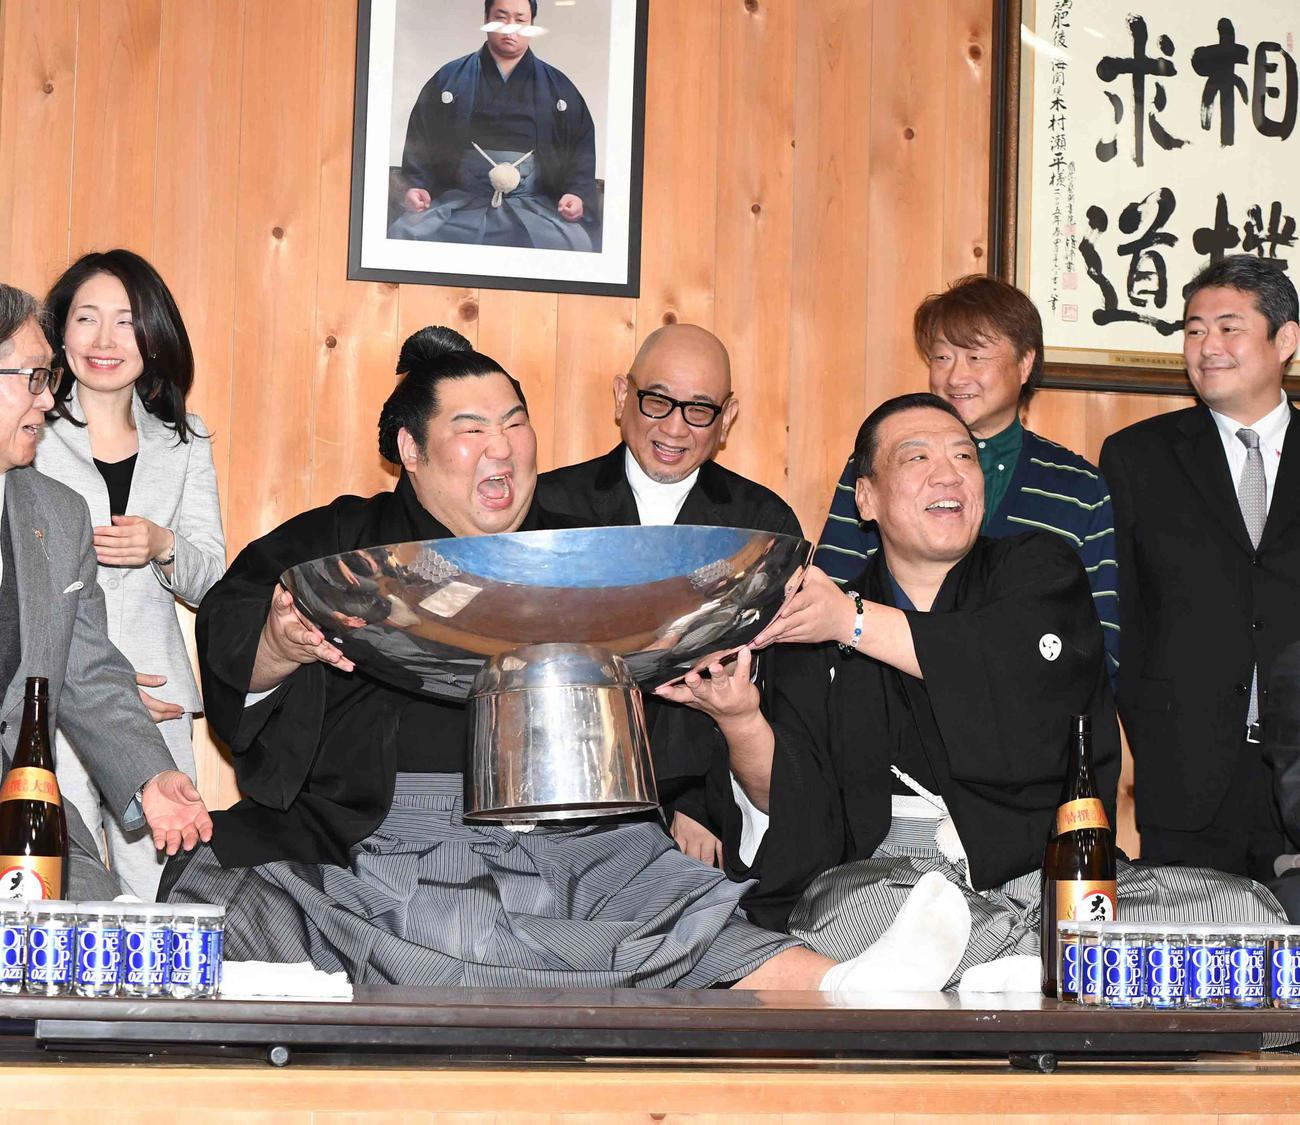 初優勝を飾り部屋に戻った徳勝龍は、木瀬親方(右)の力を借りながら大盃につがれたお酒を飲み、おどけた表情を見せる(撮影・小沢裕)